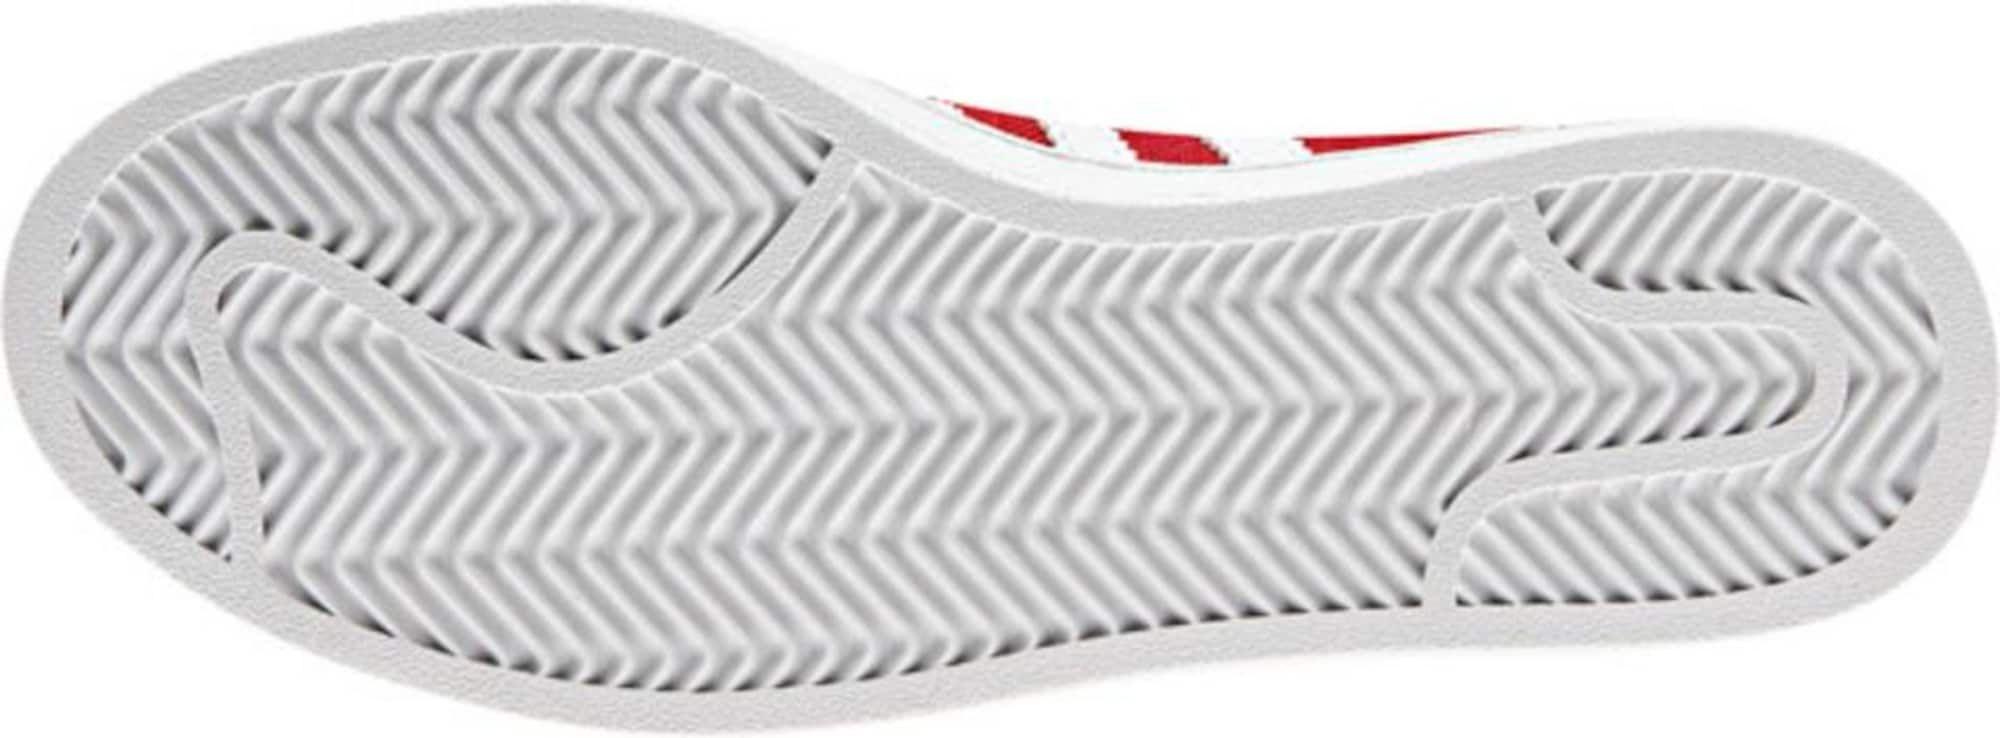 ADIDAS ORIGINALS Sneaker 'Campus' Herren, Rot, Größe 38.5/39 ...